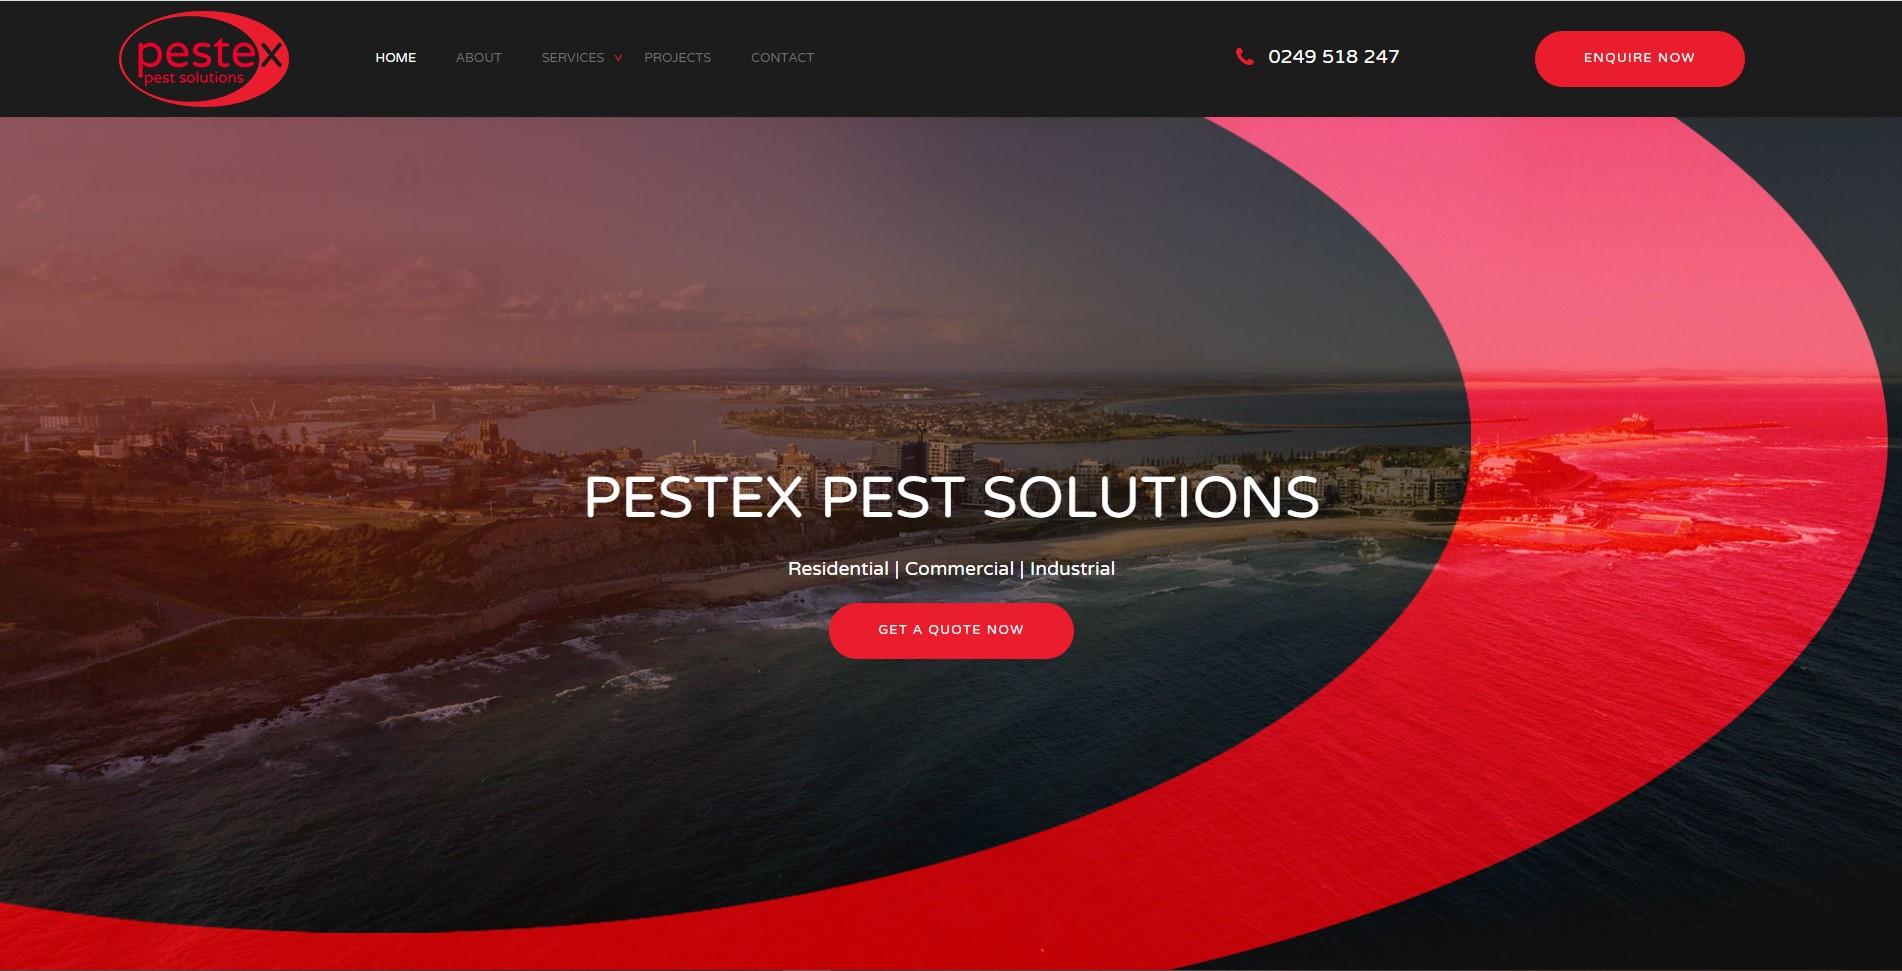 Pestex Pest Solutions Website Design & SEO Northern Rivers NSW - JezNorthWeb